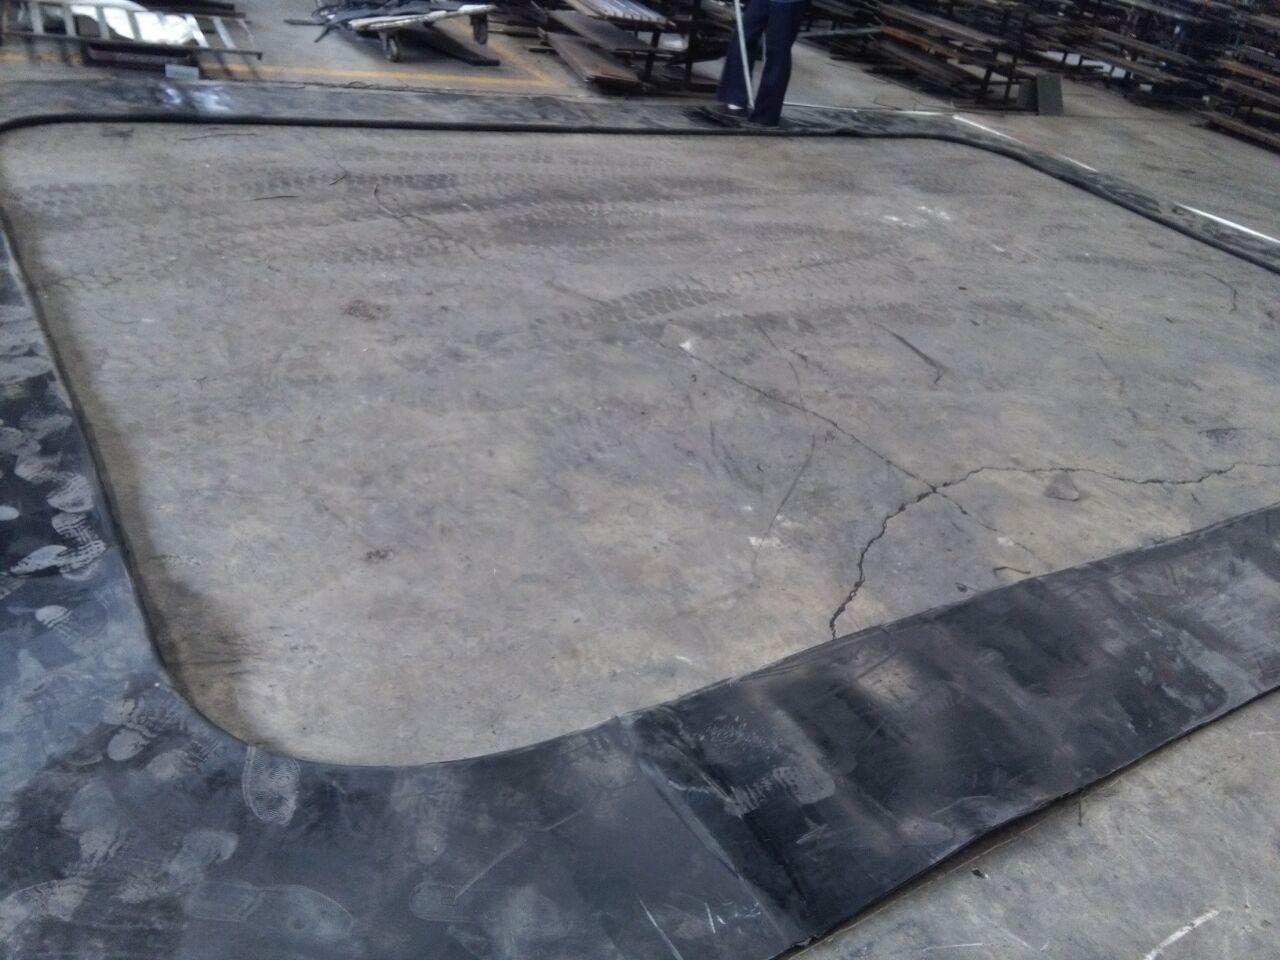 盾构出洞装置包括帘布帘布橡胶板,圆环板,扇形翻版及相应的连接螺栓和